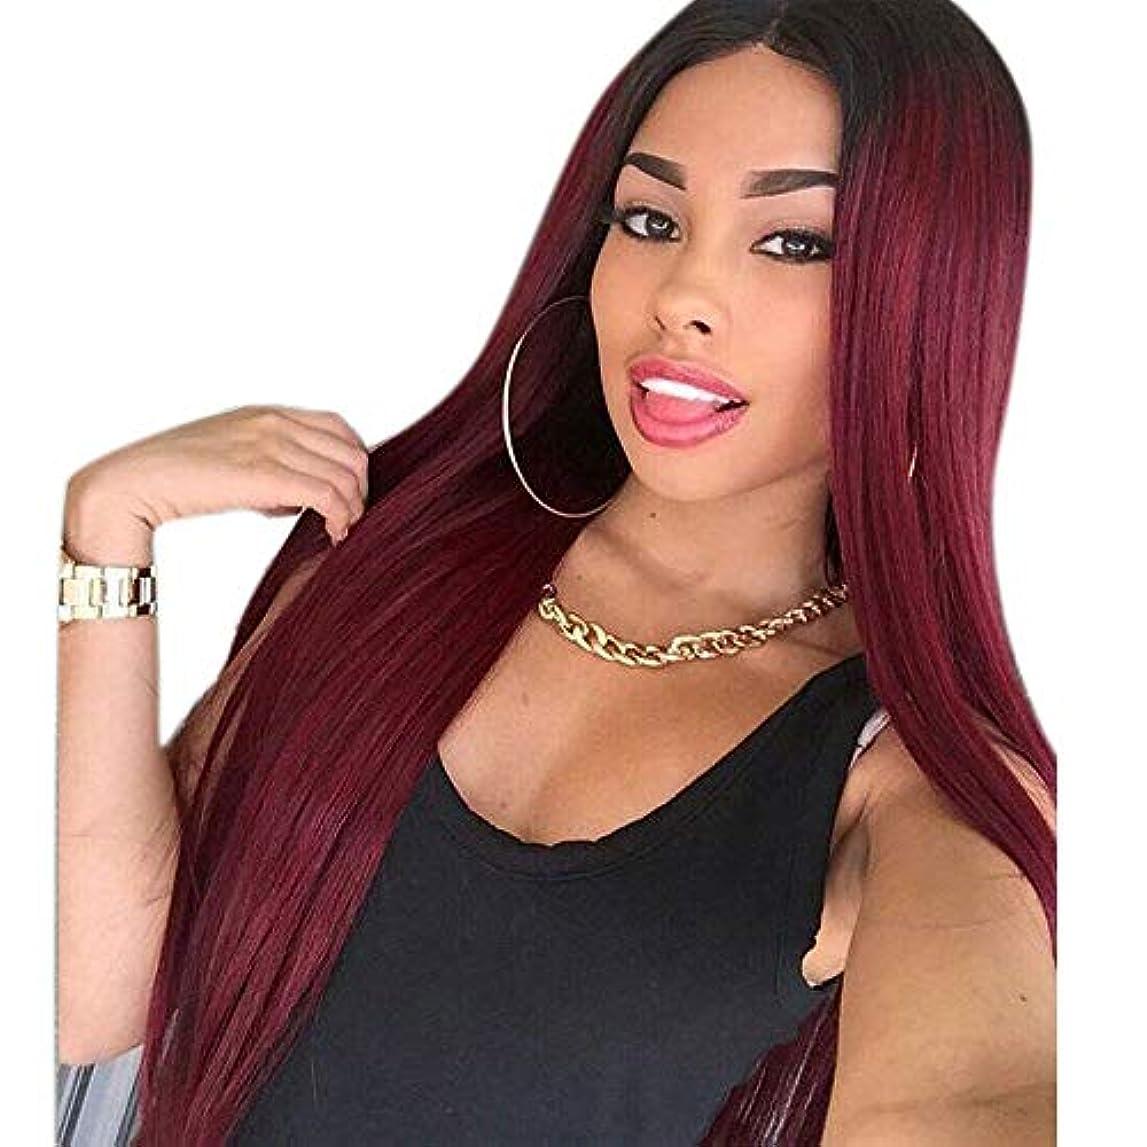 スラダムトランペット正直WASAIO 女性の短い巻き毛の濃いルーツのワインレッドの色のコスプレパーティードレス (色 : ワインレッド)